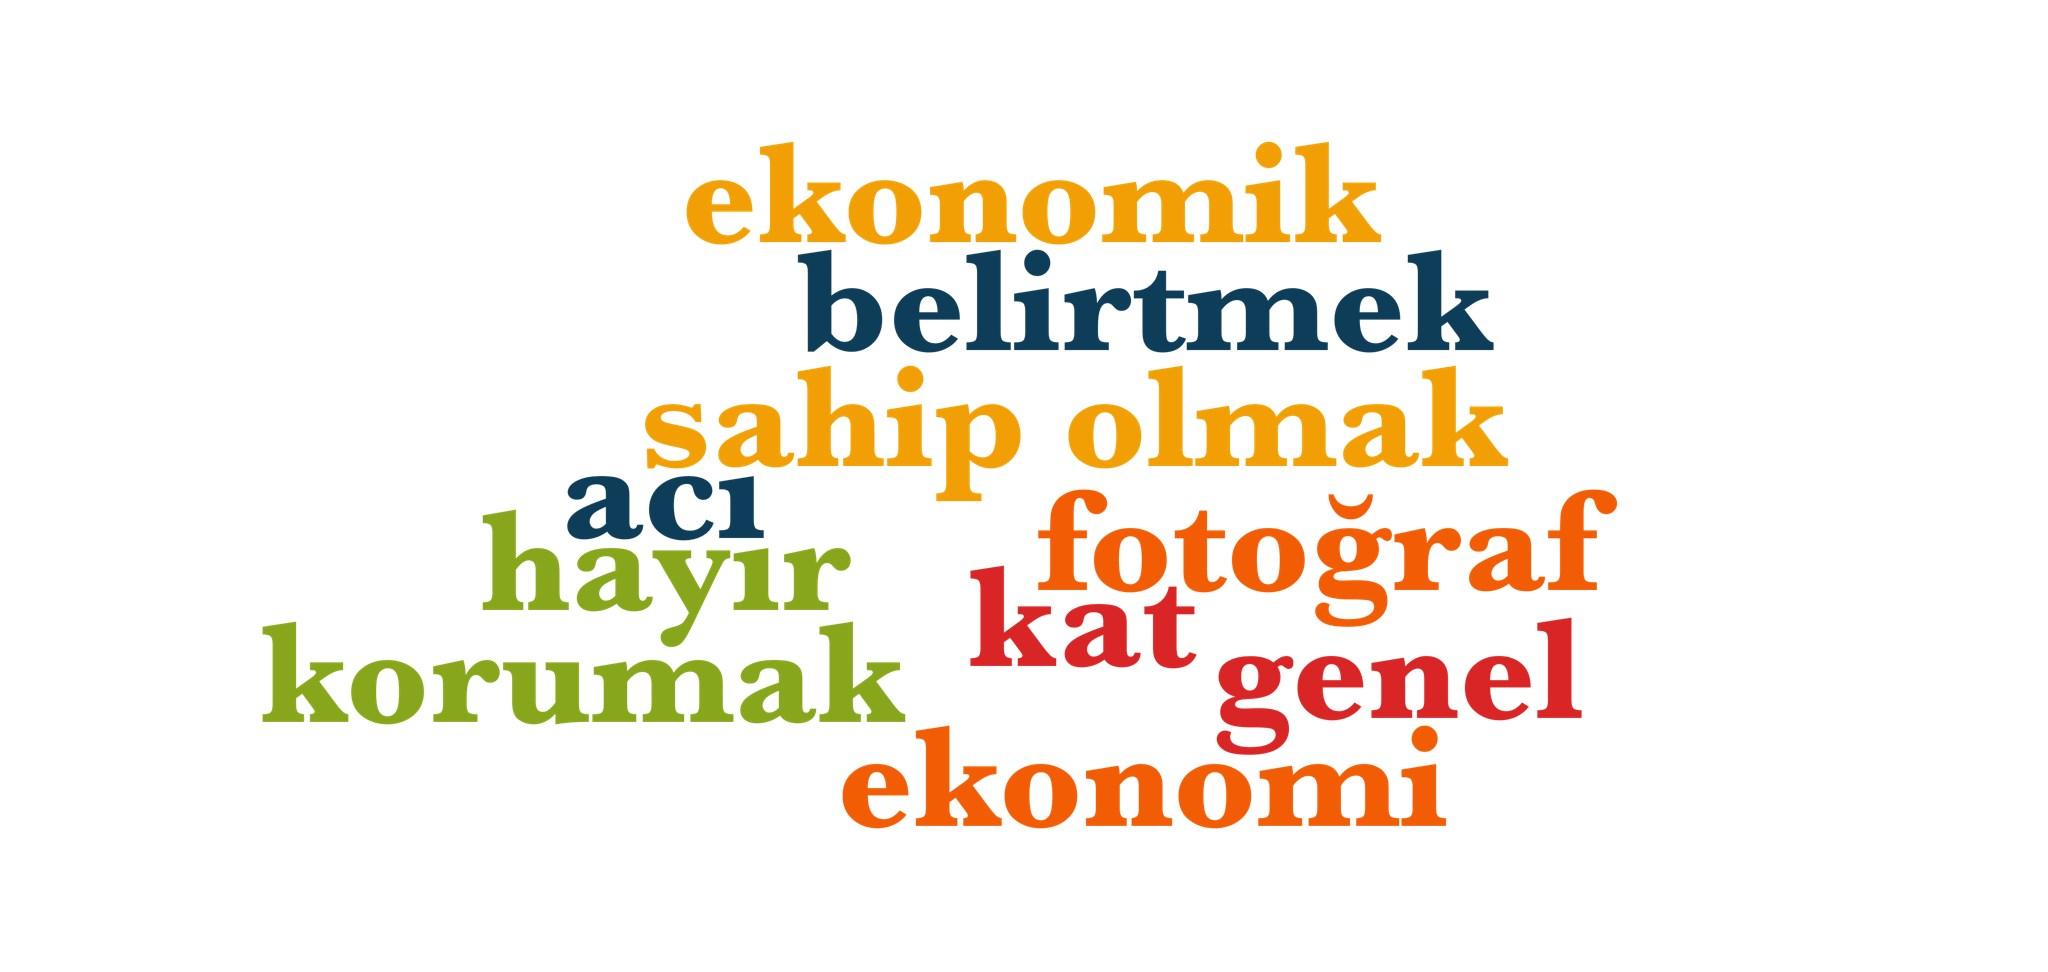 Wörter 451 bis 460 der 1000 häufigsten Wörter der türkischen Sprache